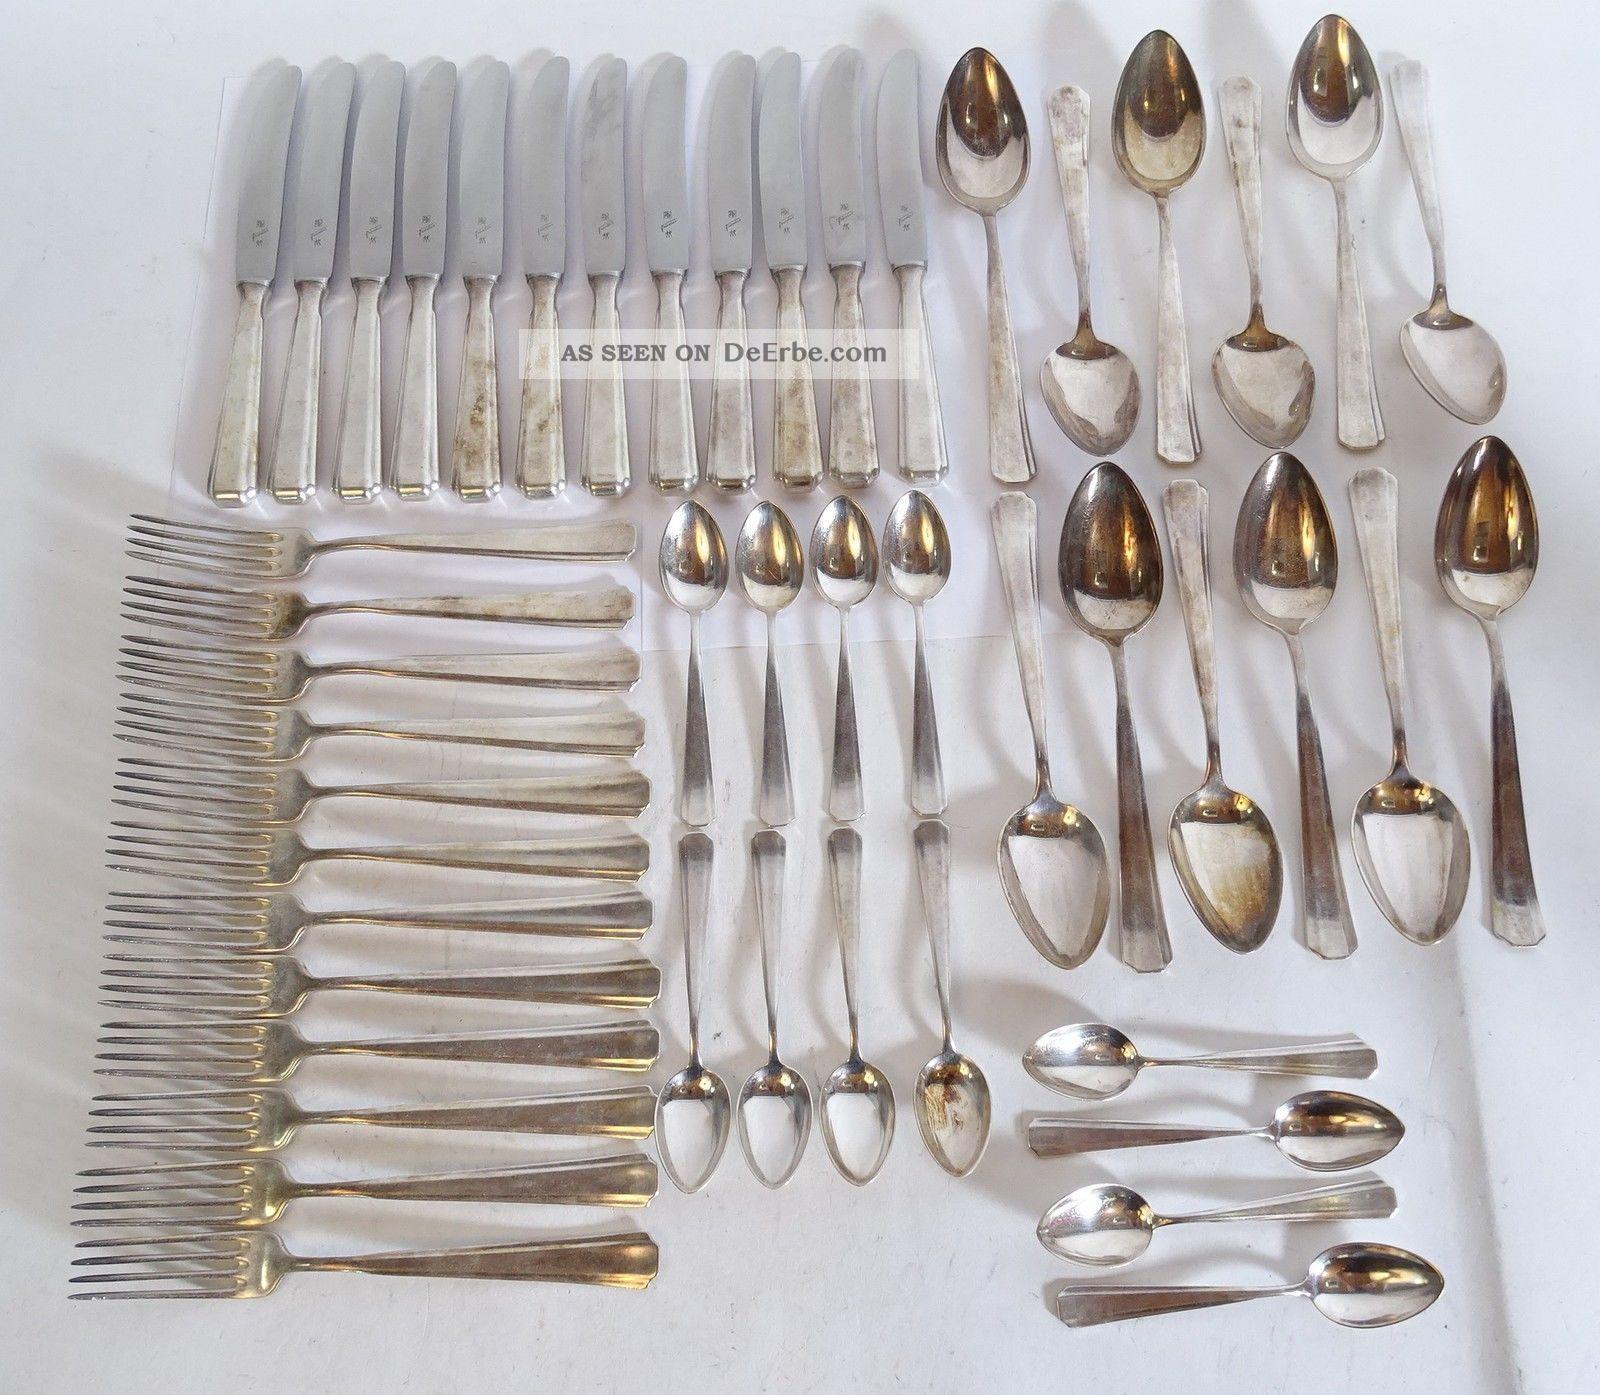 Wmf Friodur Besteck 48 Teile Versilbert Messer Gabel Löffel 12 Personen Objekte ab 1945 Bild